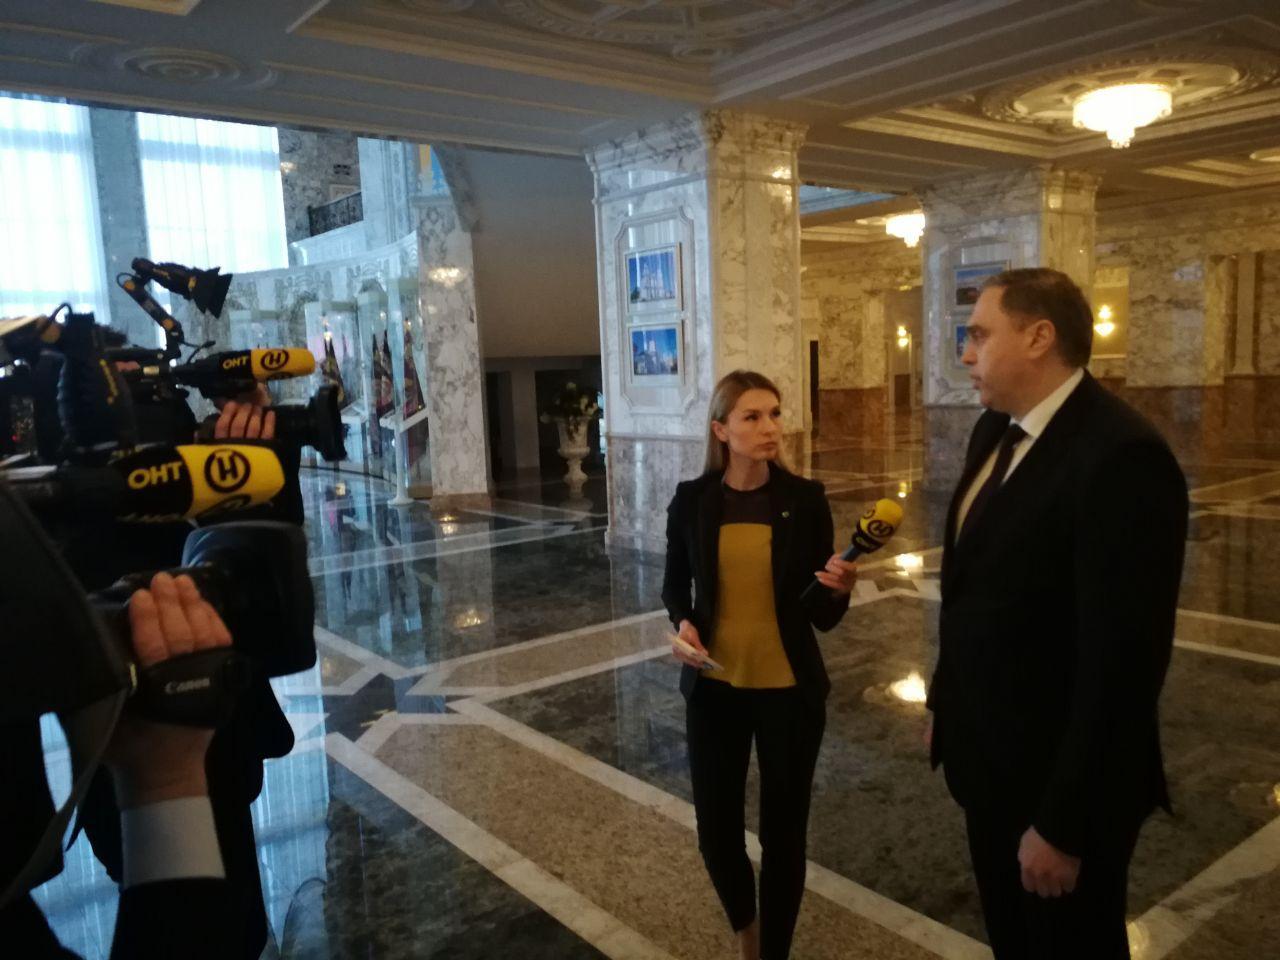 Лукашенко проводит совещание по коронавирусу. Какие мысли?